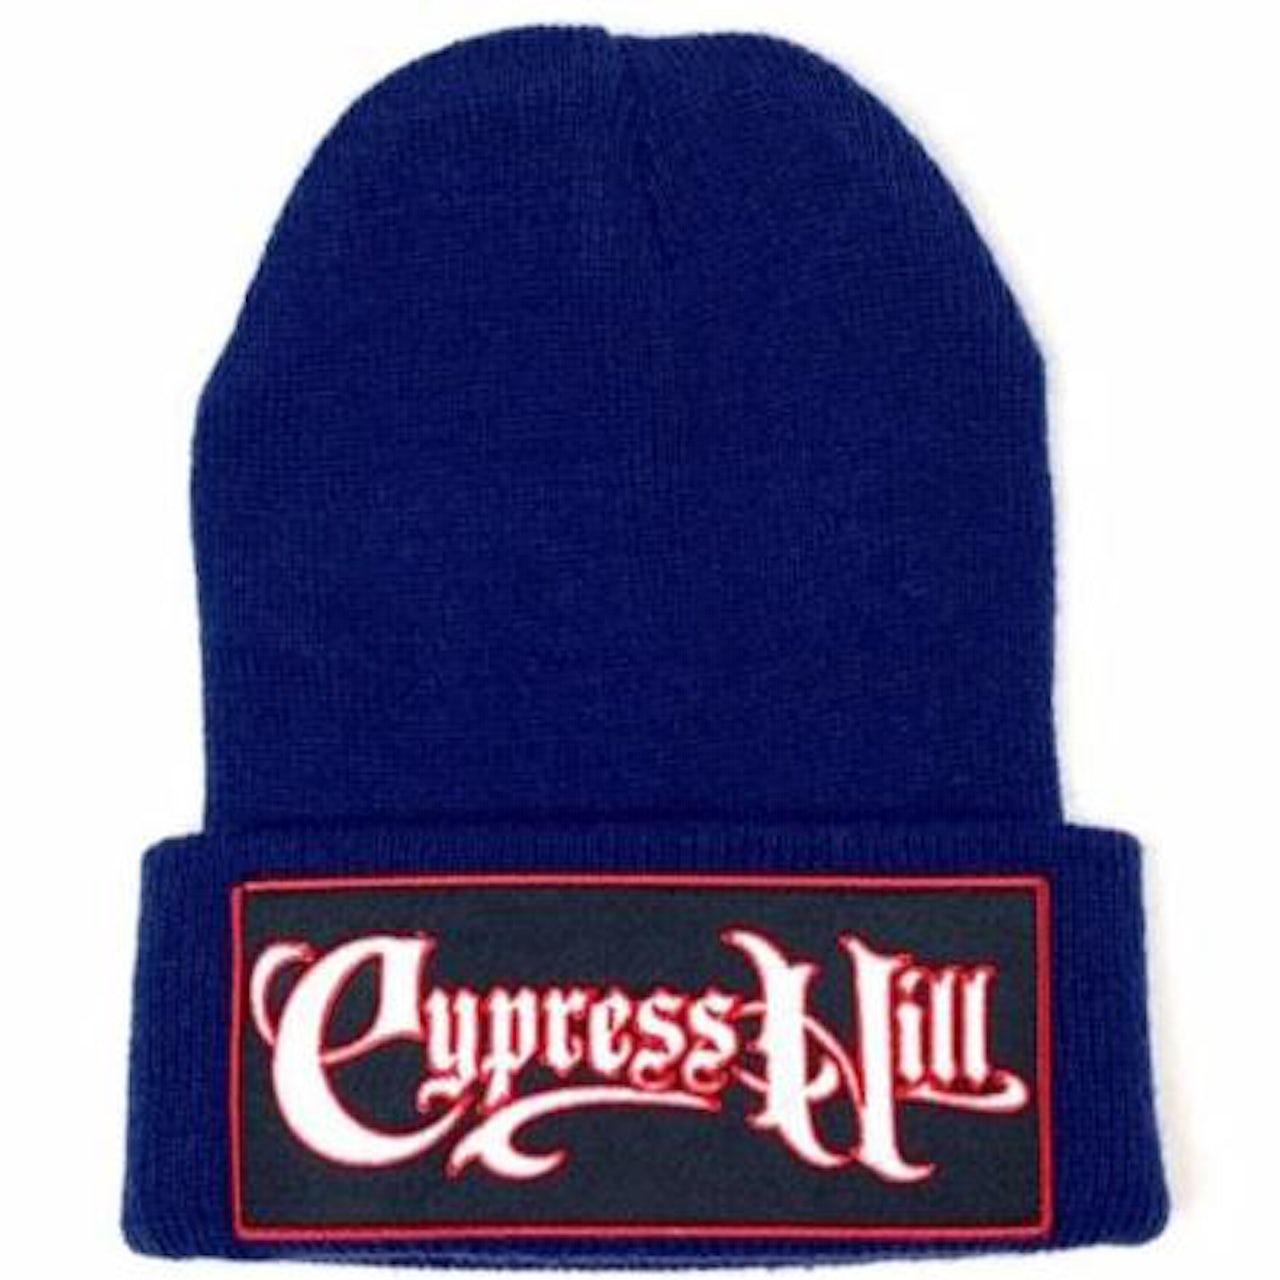 7461569b5d4 Cypress Hill